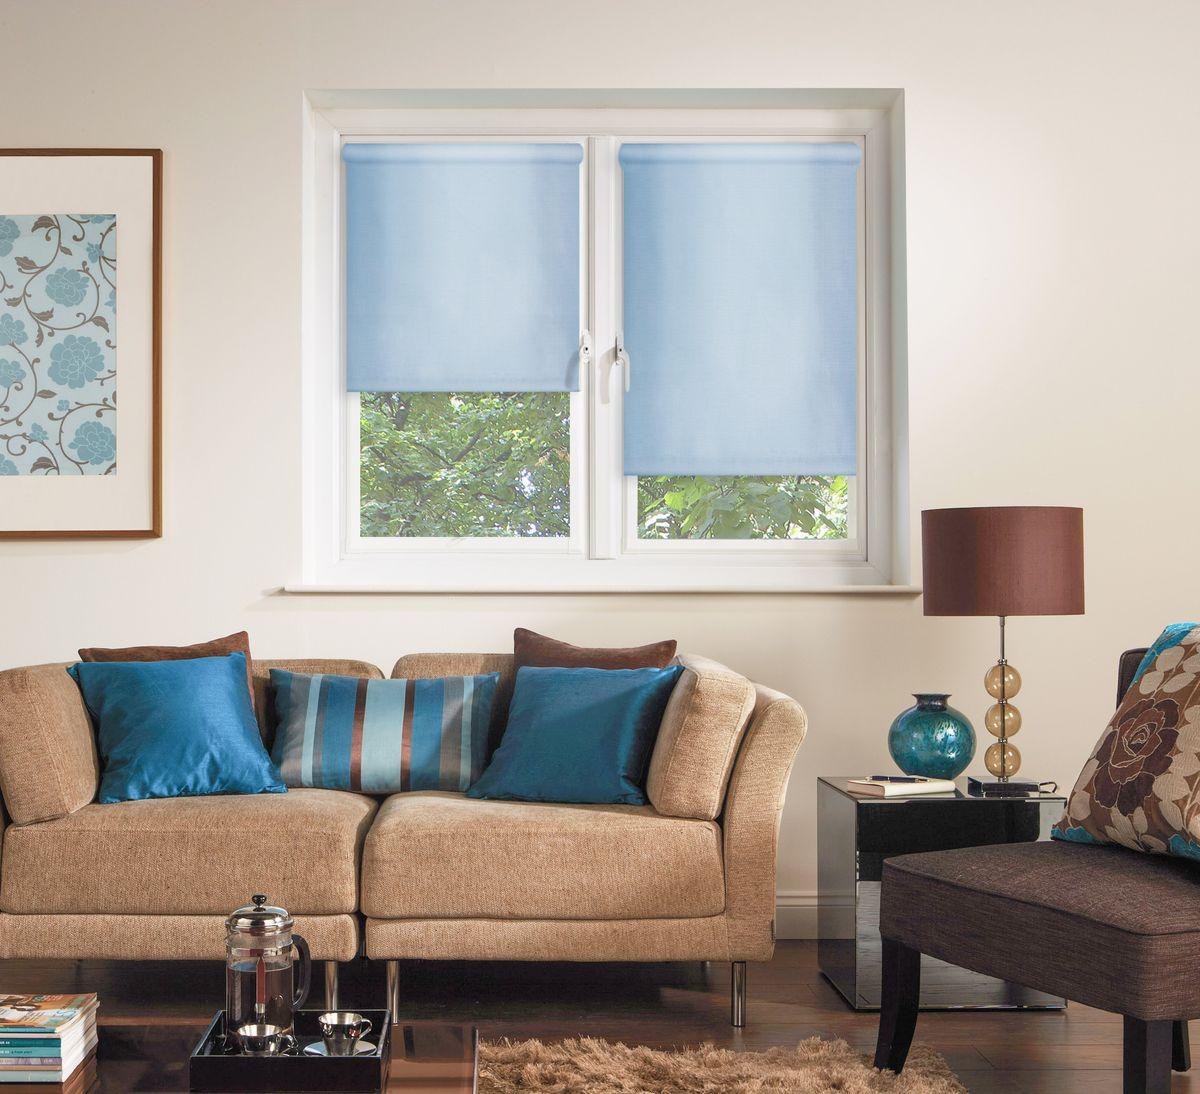 Штора рулонная Эскар Миниролло. Однотонные, цвет: голубой, ширина 52 см, высота 170 см62.РШТО.8983.090х175Рулонная штора Эскар Миниролло выполнена из высокопрочной ткани,которая сохраняет свой размер даже при намокании. Ткань не выцветает иобладает отличной цветоустойчивостью.Миниролло - это подвид рулонных штор, который закрывает не весь оконныйпроем, а непосредственно само стекло. Такие шторы крепятся на раму безсверления при помощи зажимов или клейкой двухсторонней ленты (в комплекте).Окно остаетсяна гарантии, благодаря монтажу без сверления.Такая штора станет прекрасным элементом декора окна и гармонично впишется винтерьер любого помещения.